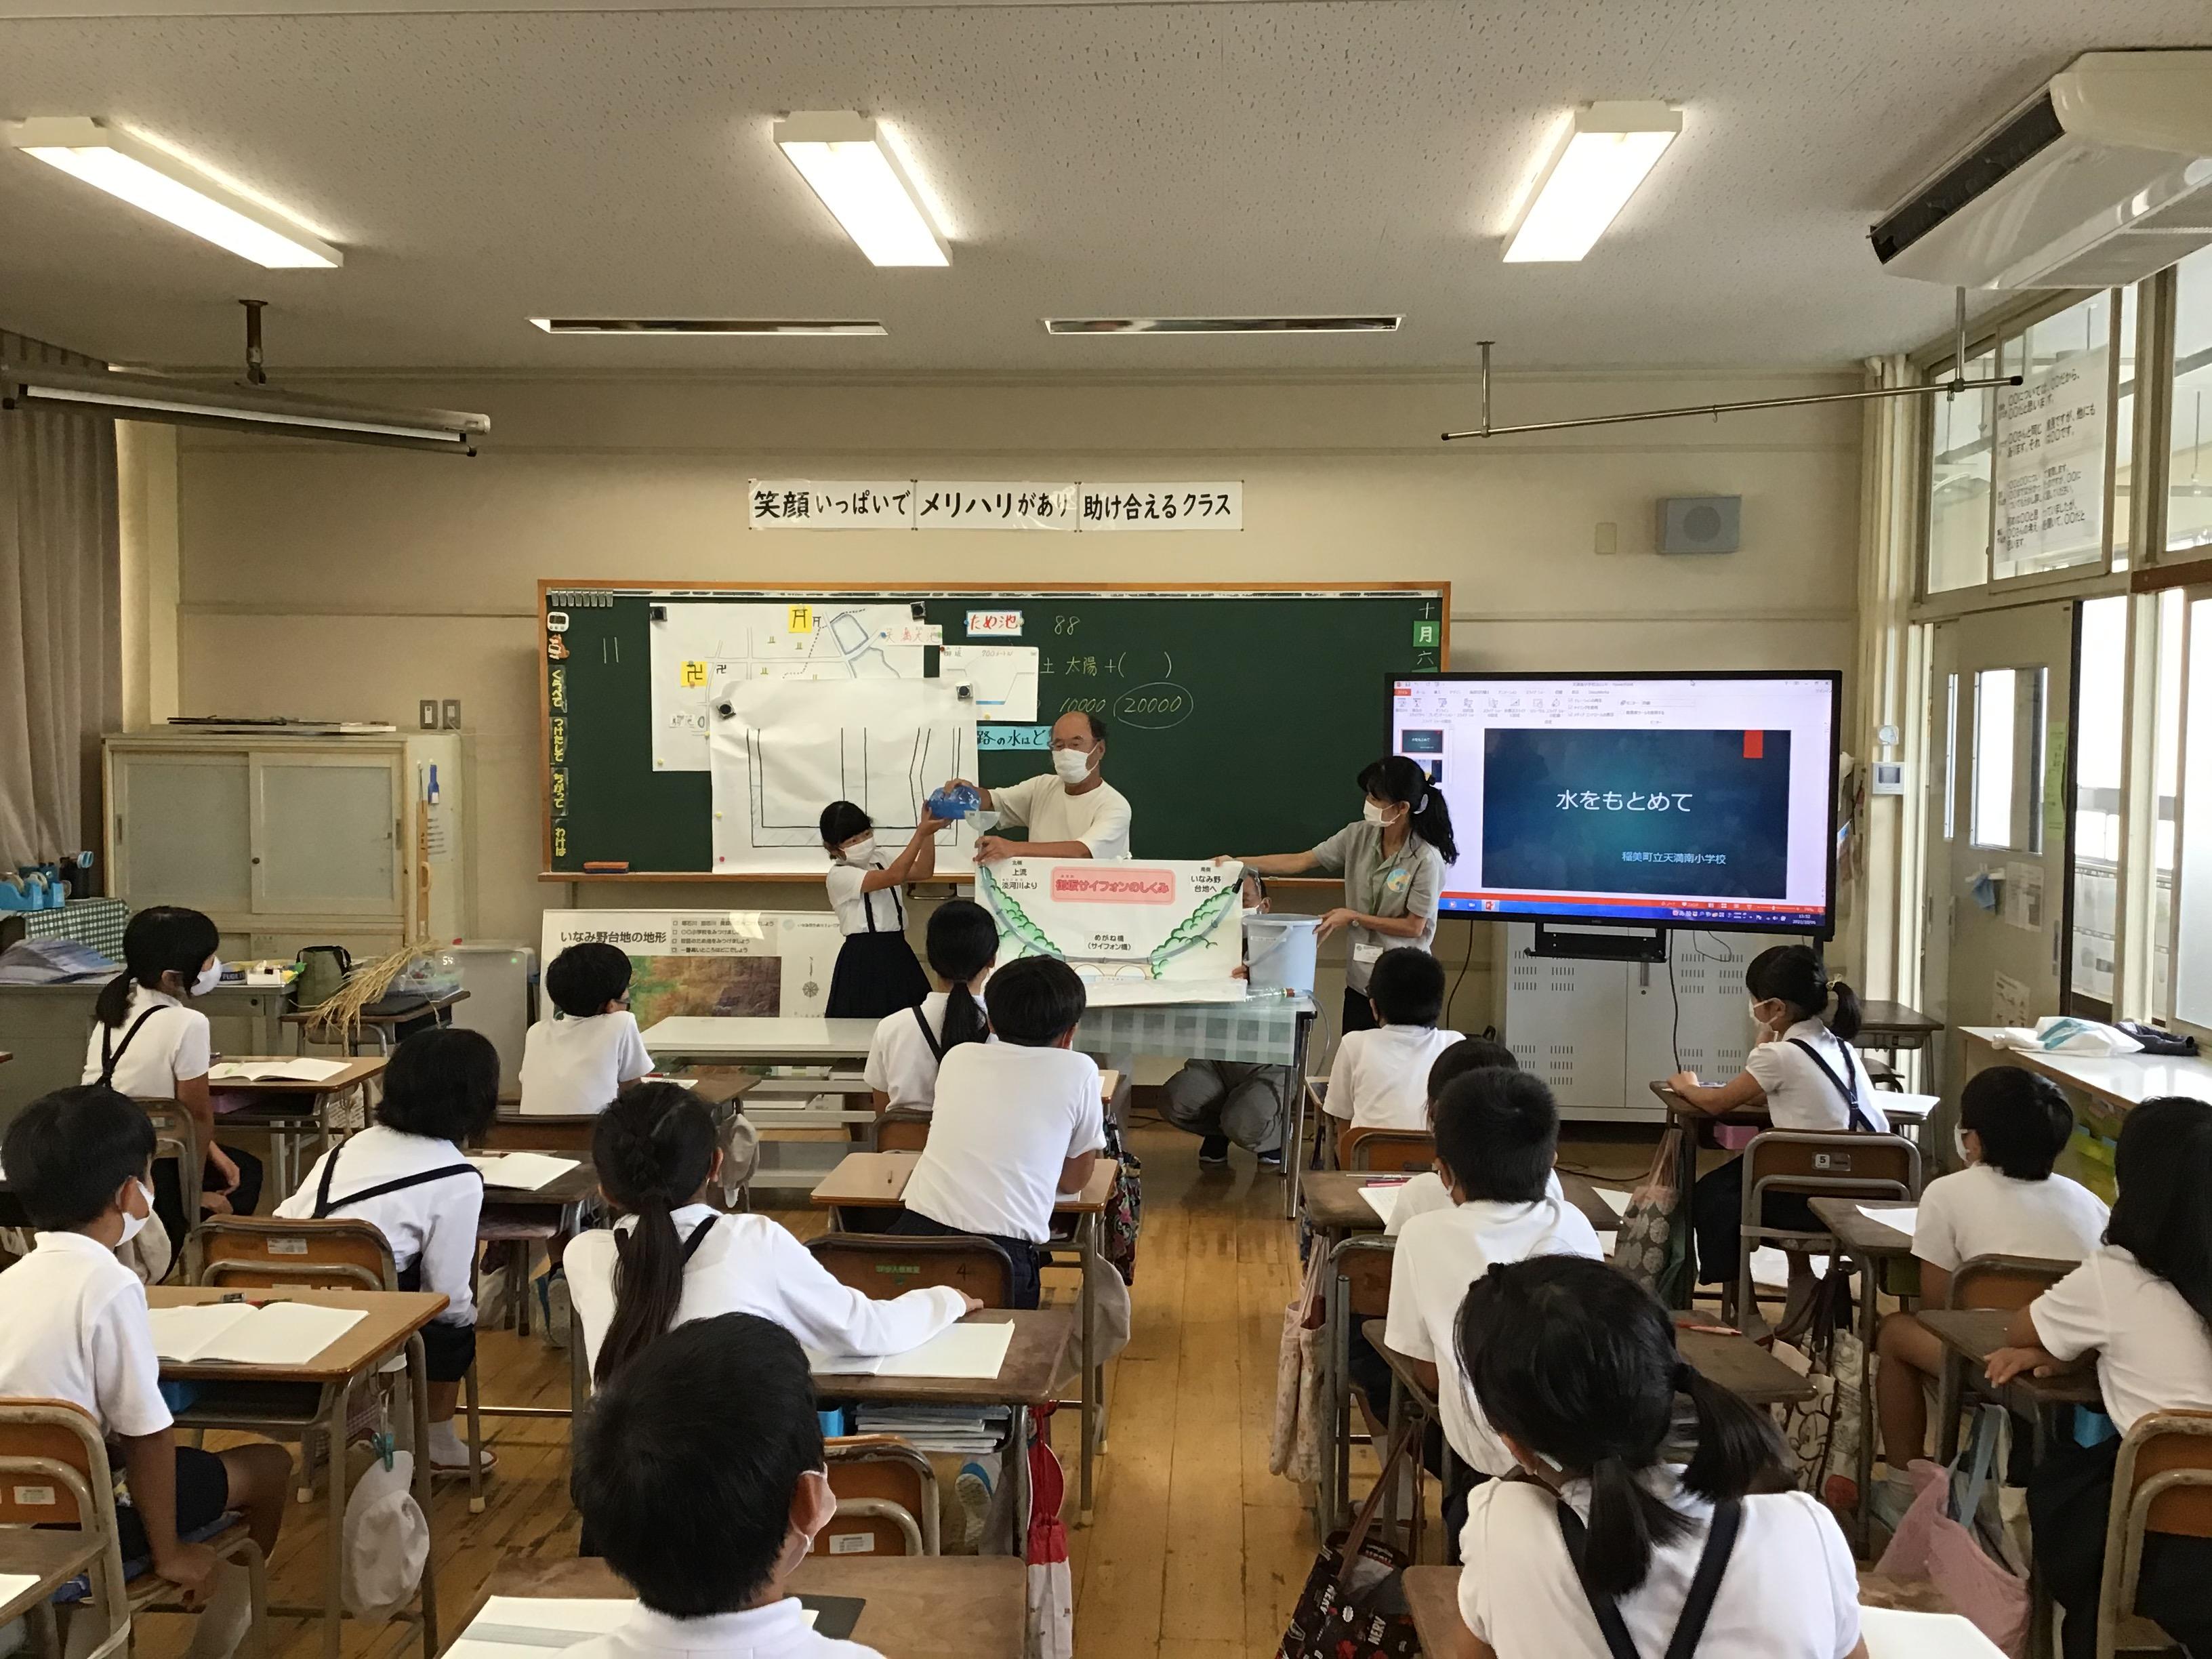 内田先生が児童に順番に御坂サイフォンに見立てた模型に青い水を入れて実際に水が遡上するか確認。